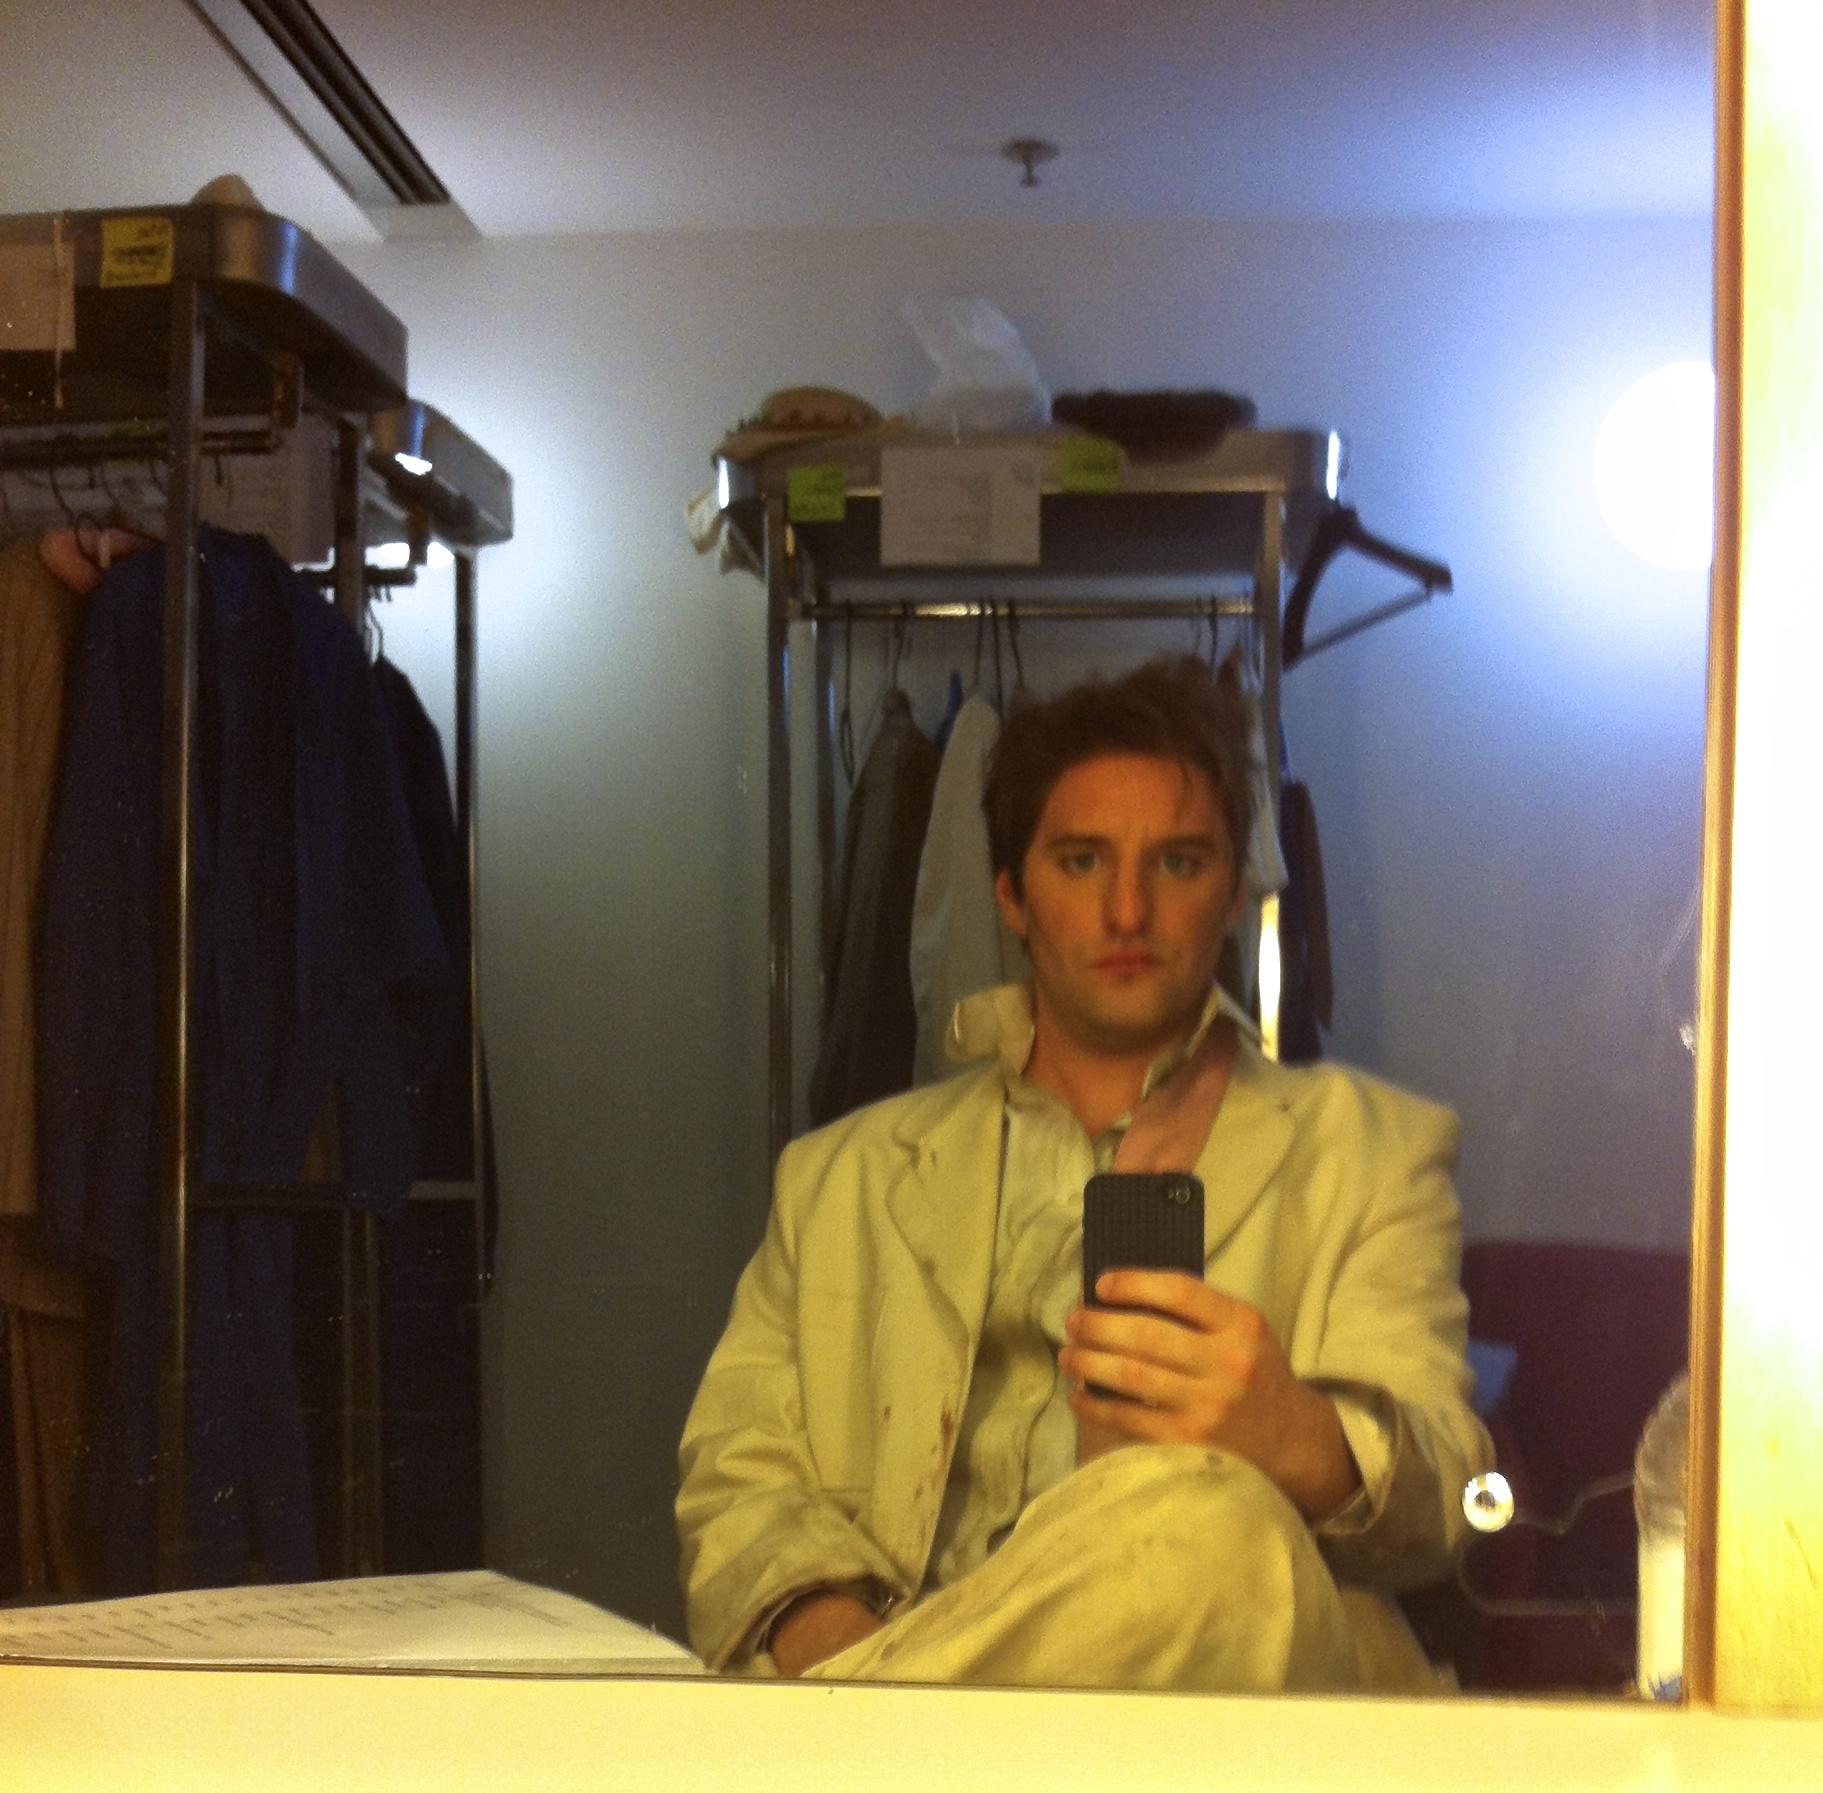 Herring Dressing Room Selfie